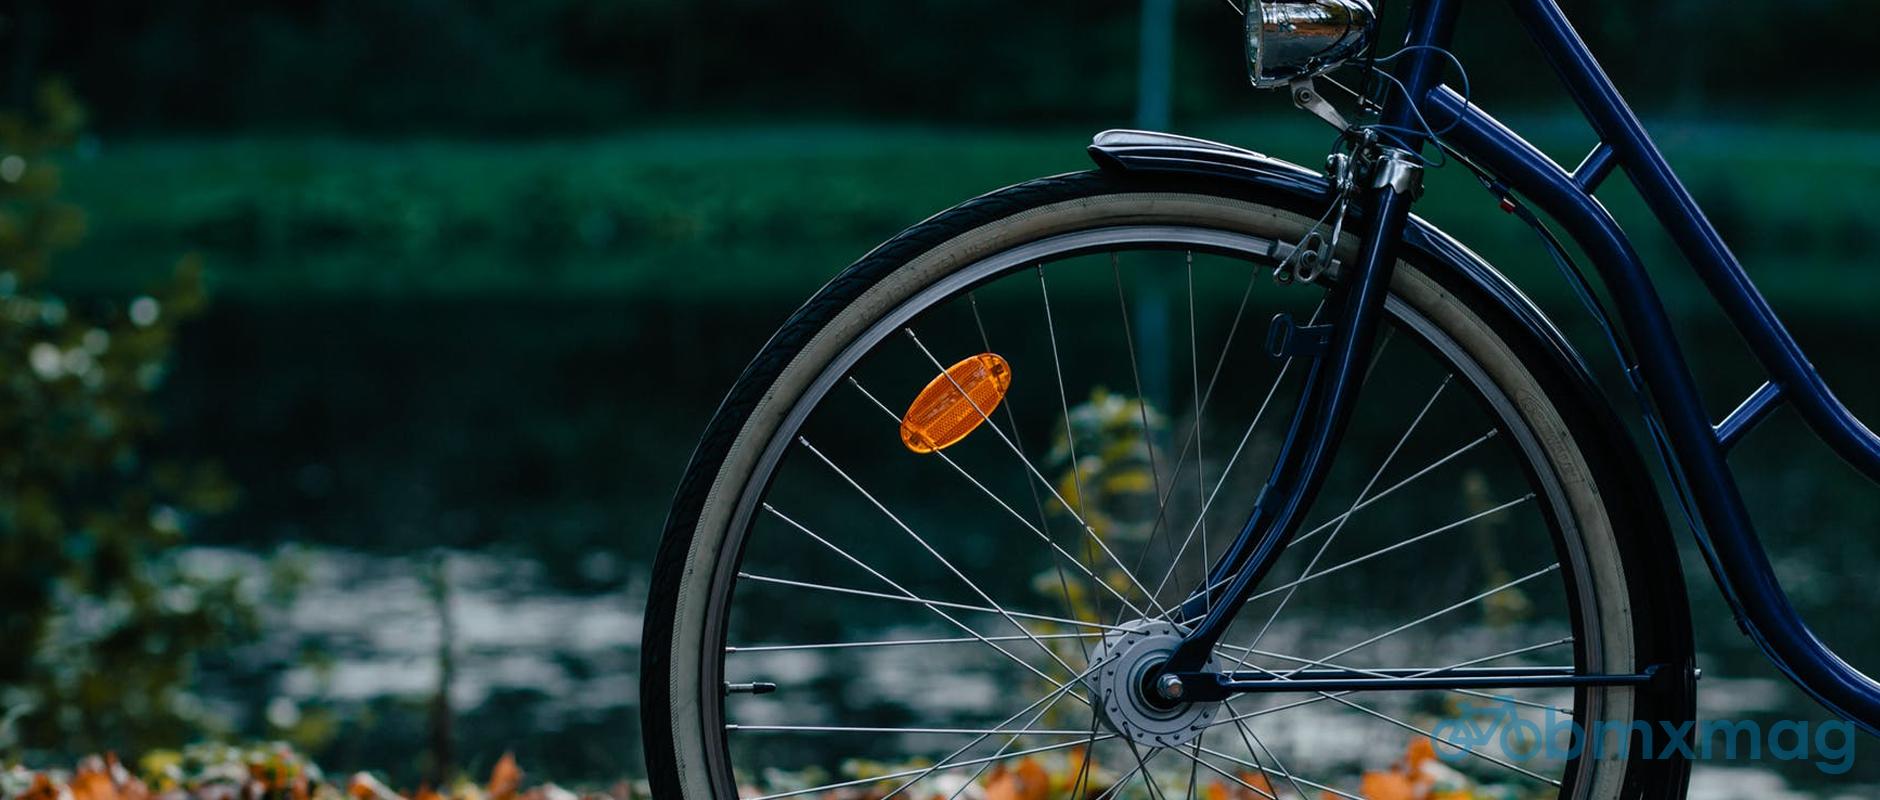 limage sélectionnée Réalité virtuelle comment peut elle impacter le cyclisme - Réalité virtuelle : comment peut-elle impacter le cyclisme?